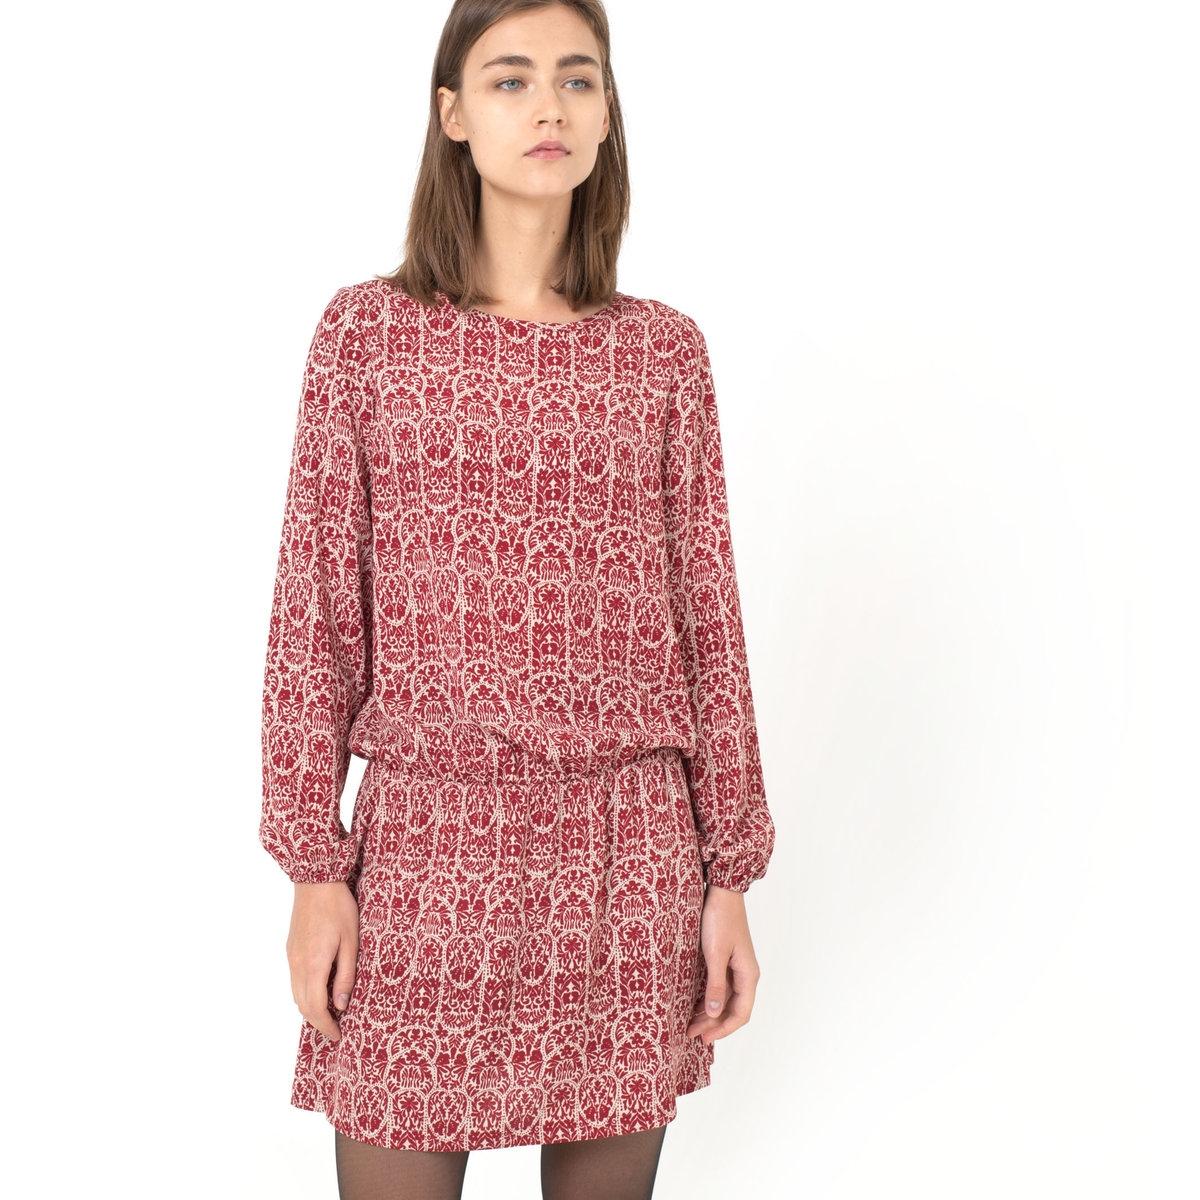 Платье с рисункомПлатье с рисунком, 100% вискоза. Вырез-лодочка. Эластичный пояс. Длинные рукава. Эластичный пояс. Длина ок.93 см.<br><br>Цвет: набивной рисунок<br>Размер: 42 (FR) - 48 (RUS)